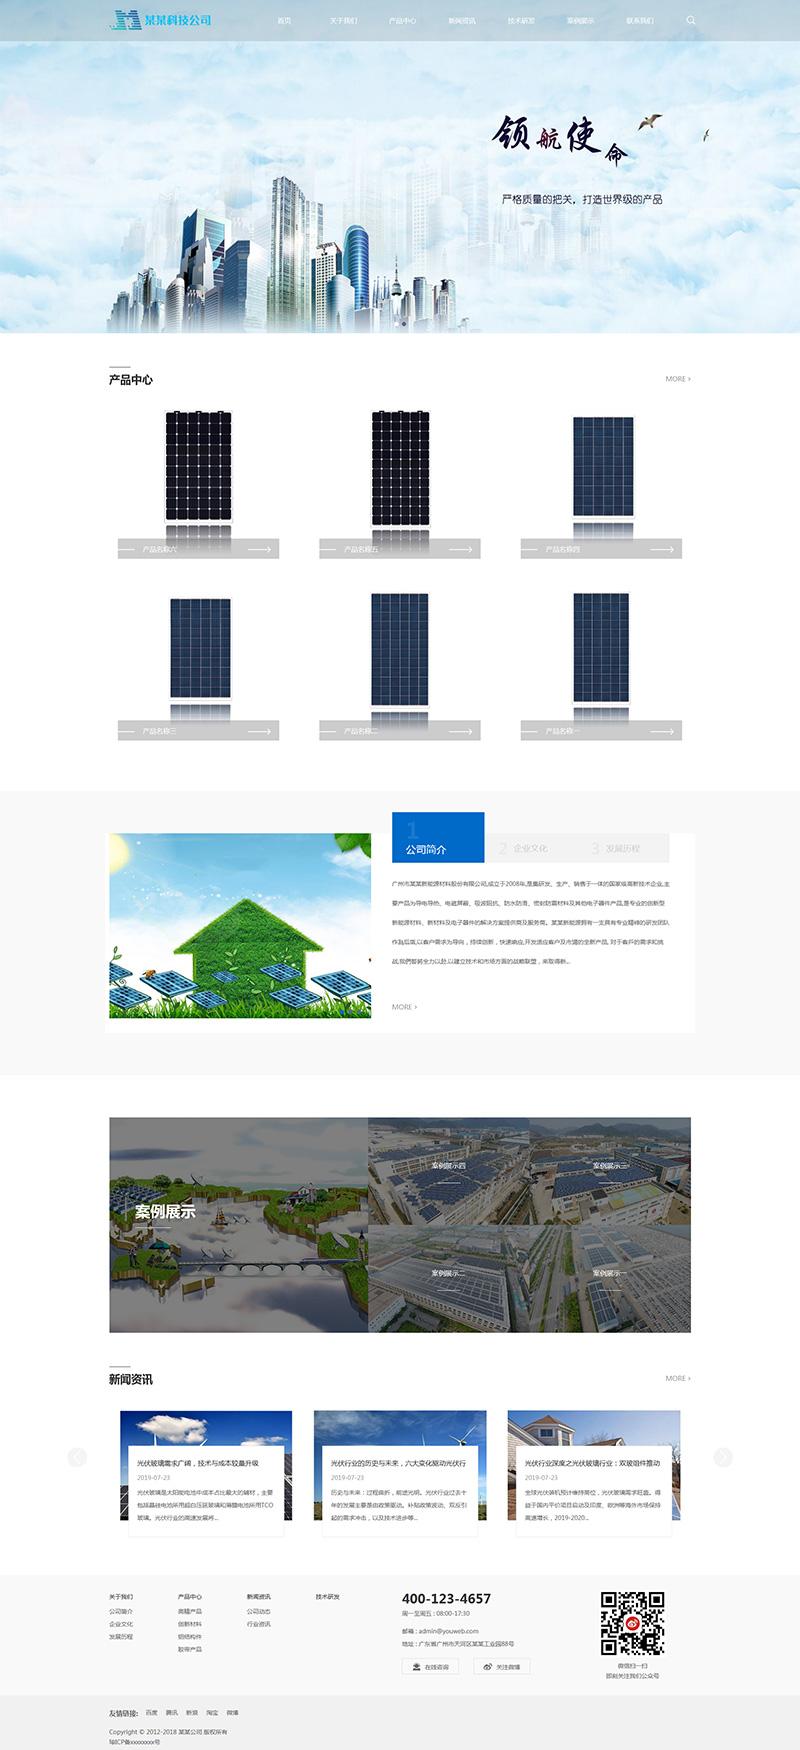 响应式新能源光伏材料网站模板-8057